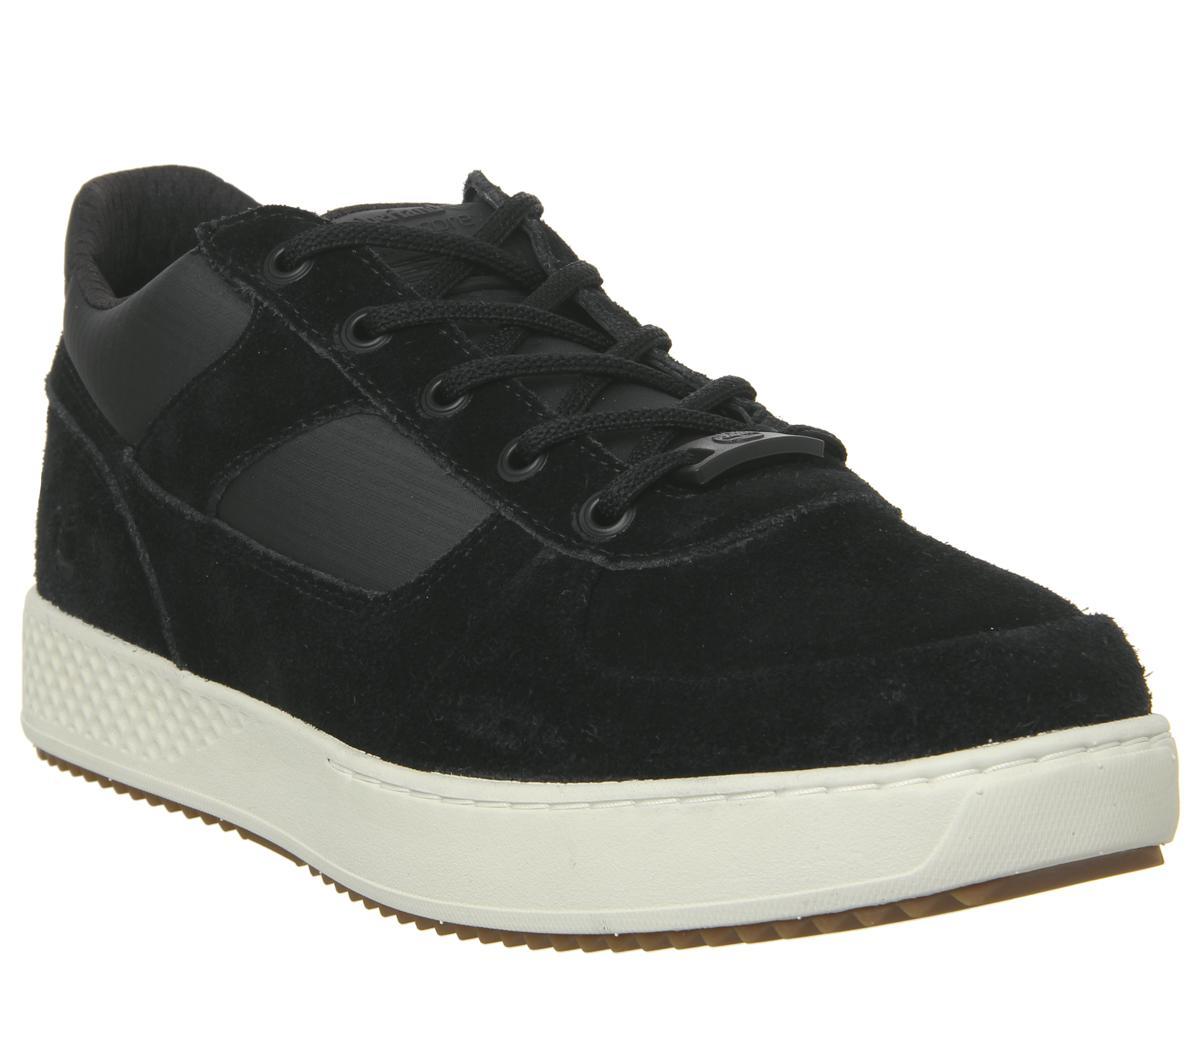 Cityroam Cupsole Super Ox Shoes